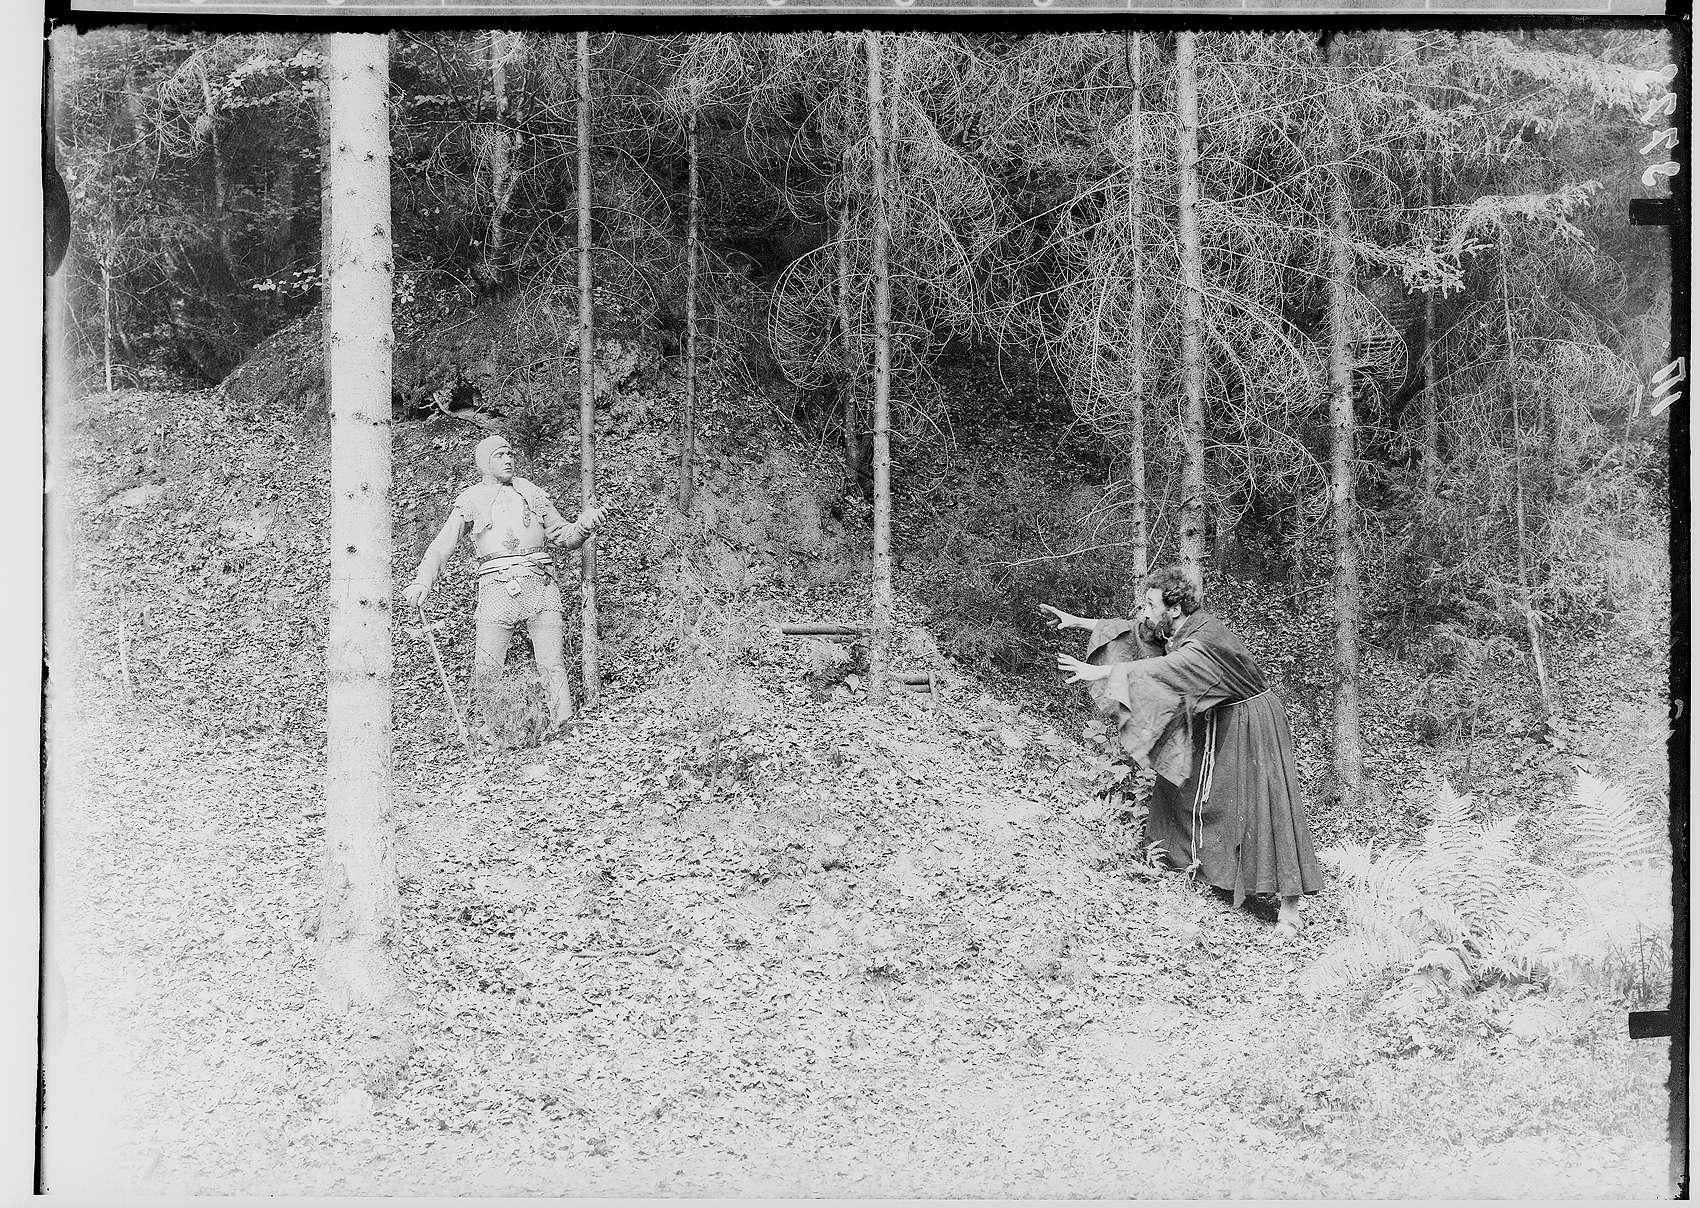 Waldbühne Sigmaringendorf - Der arme Heinrich (Gerhard Hauptmann), Bild 1